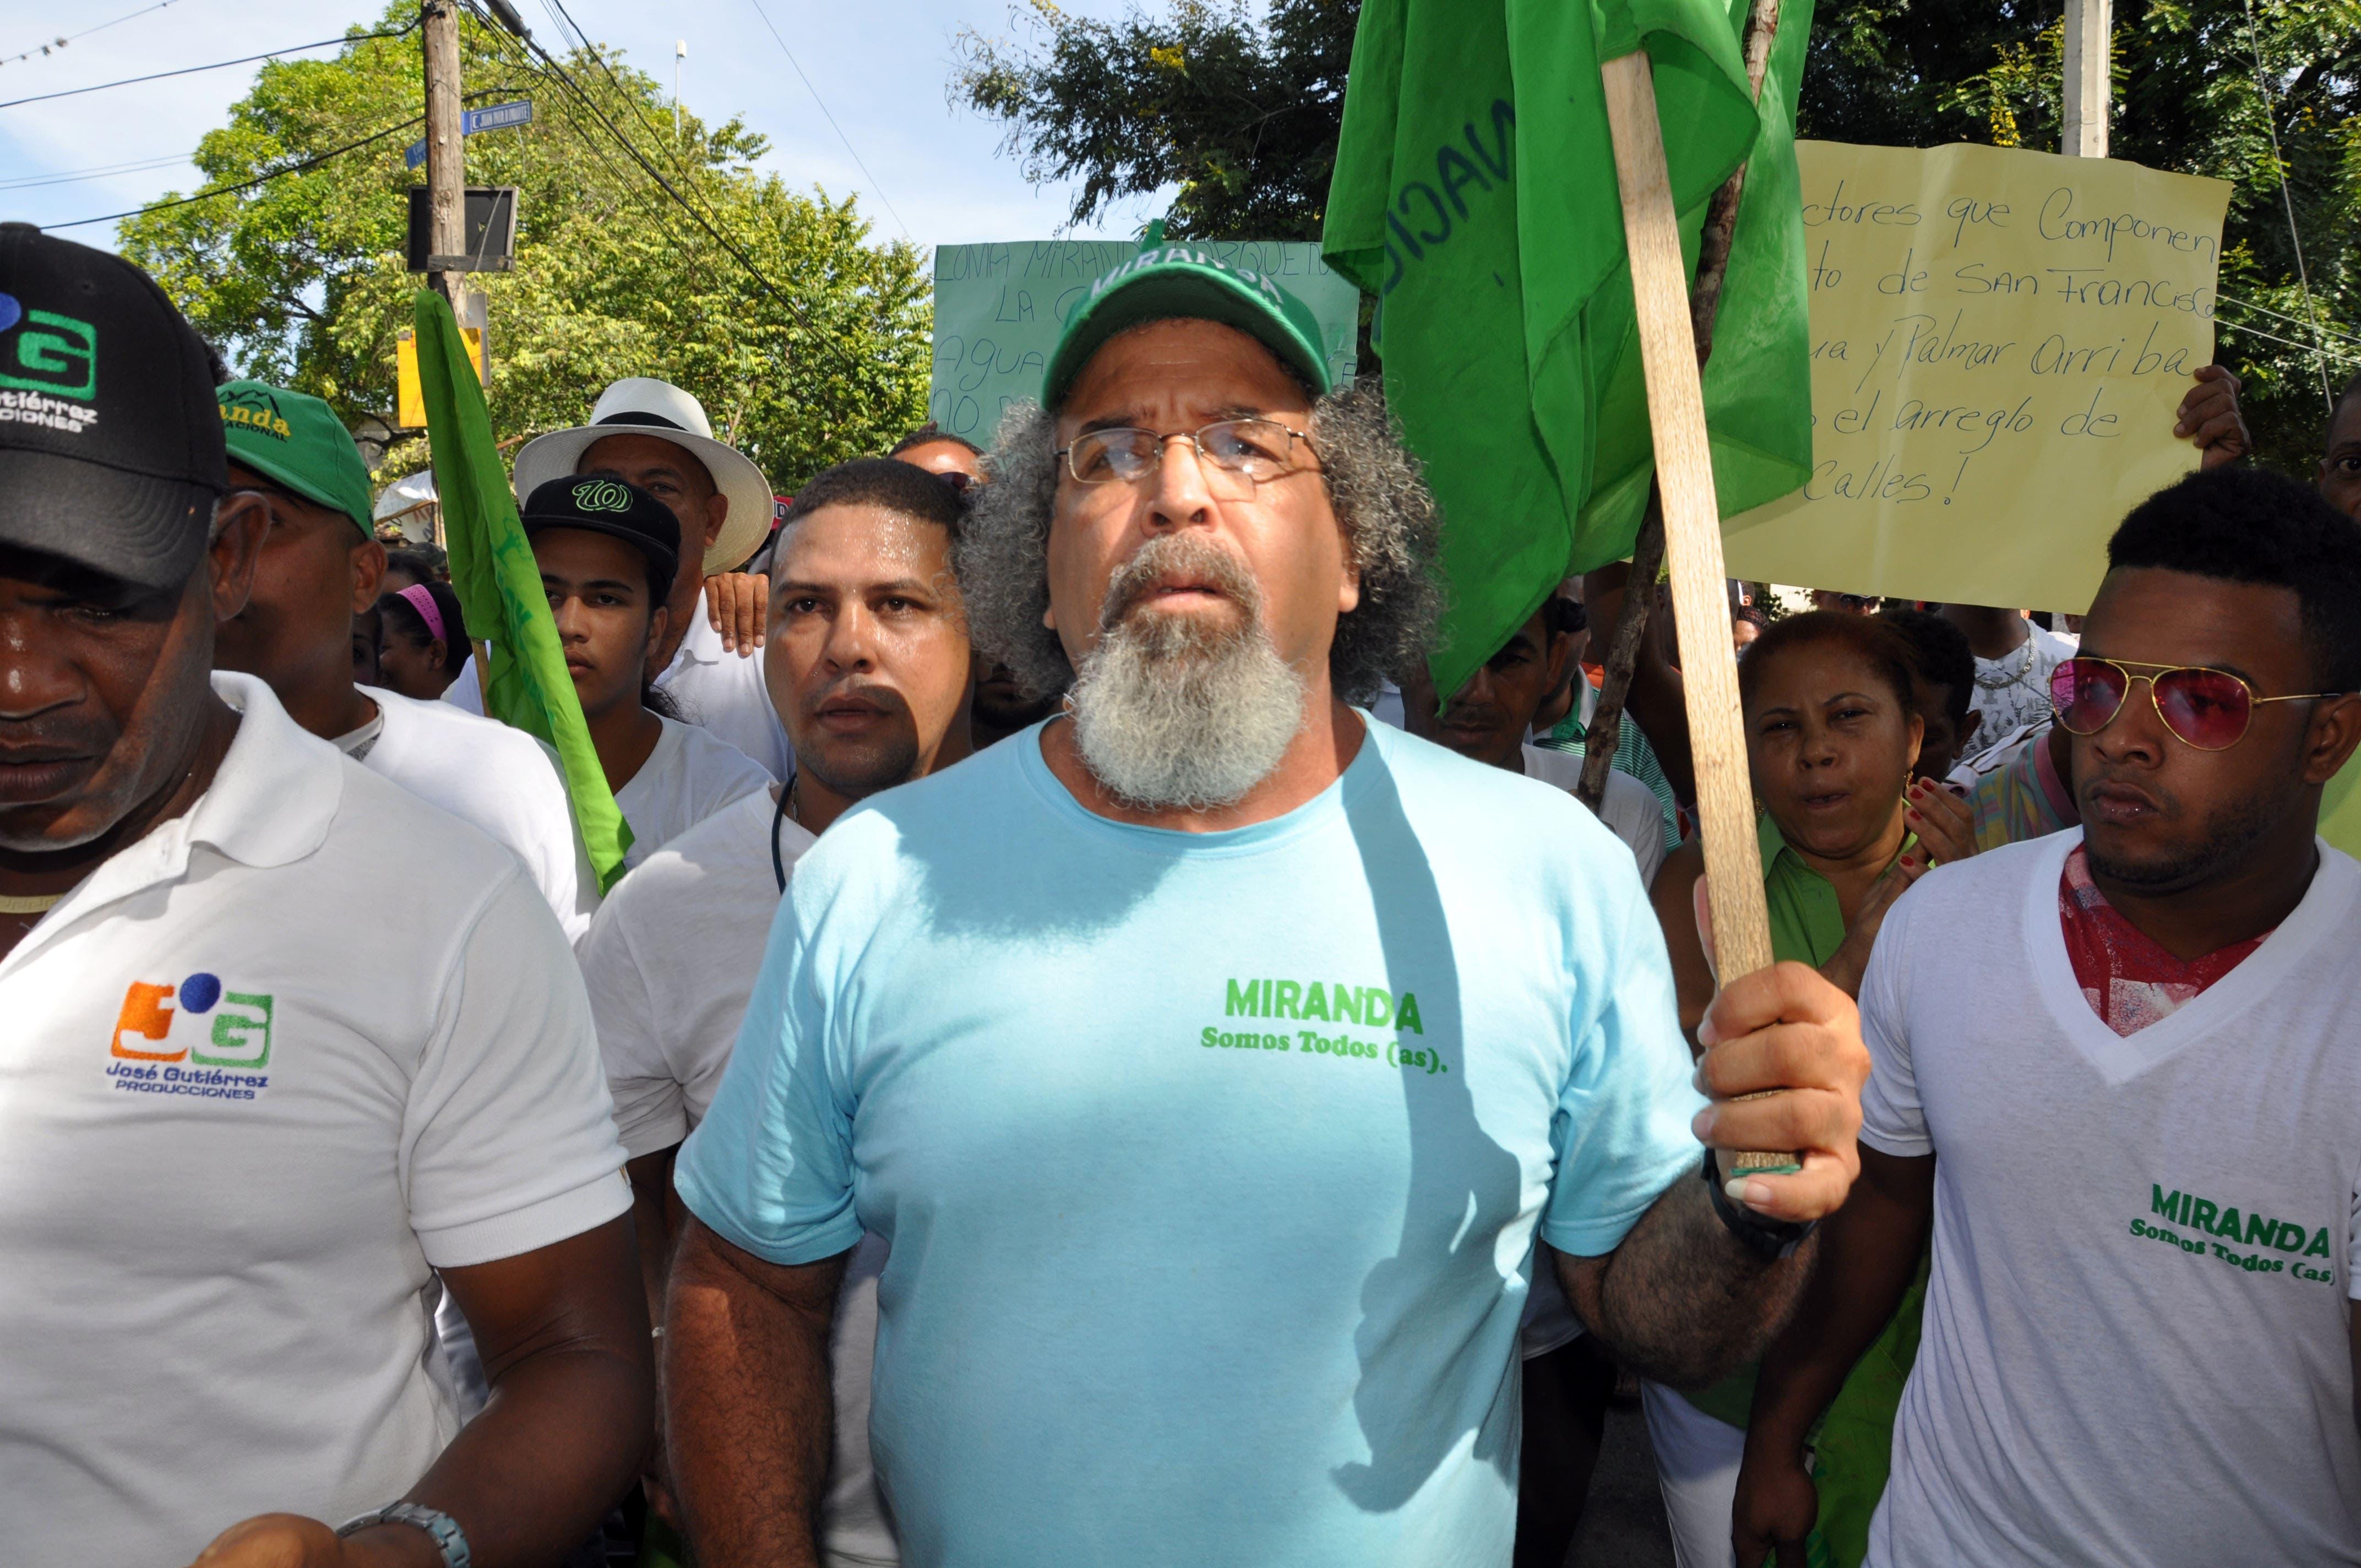 El padre Rogelio Cruz sigue en las calles; hoy protestó en Santiago